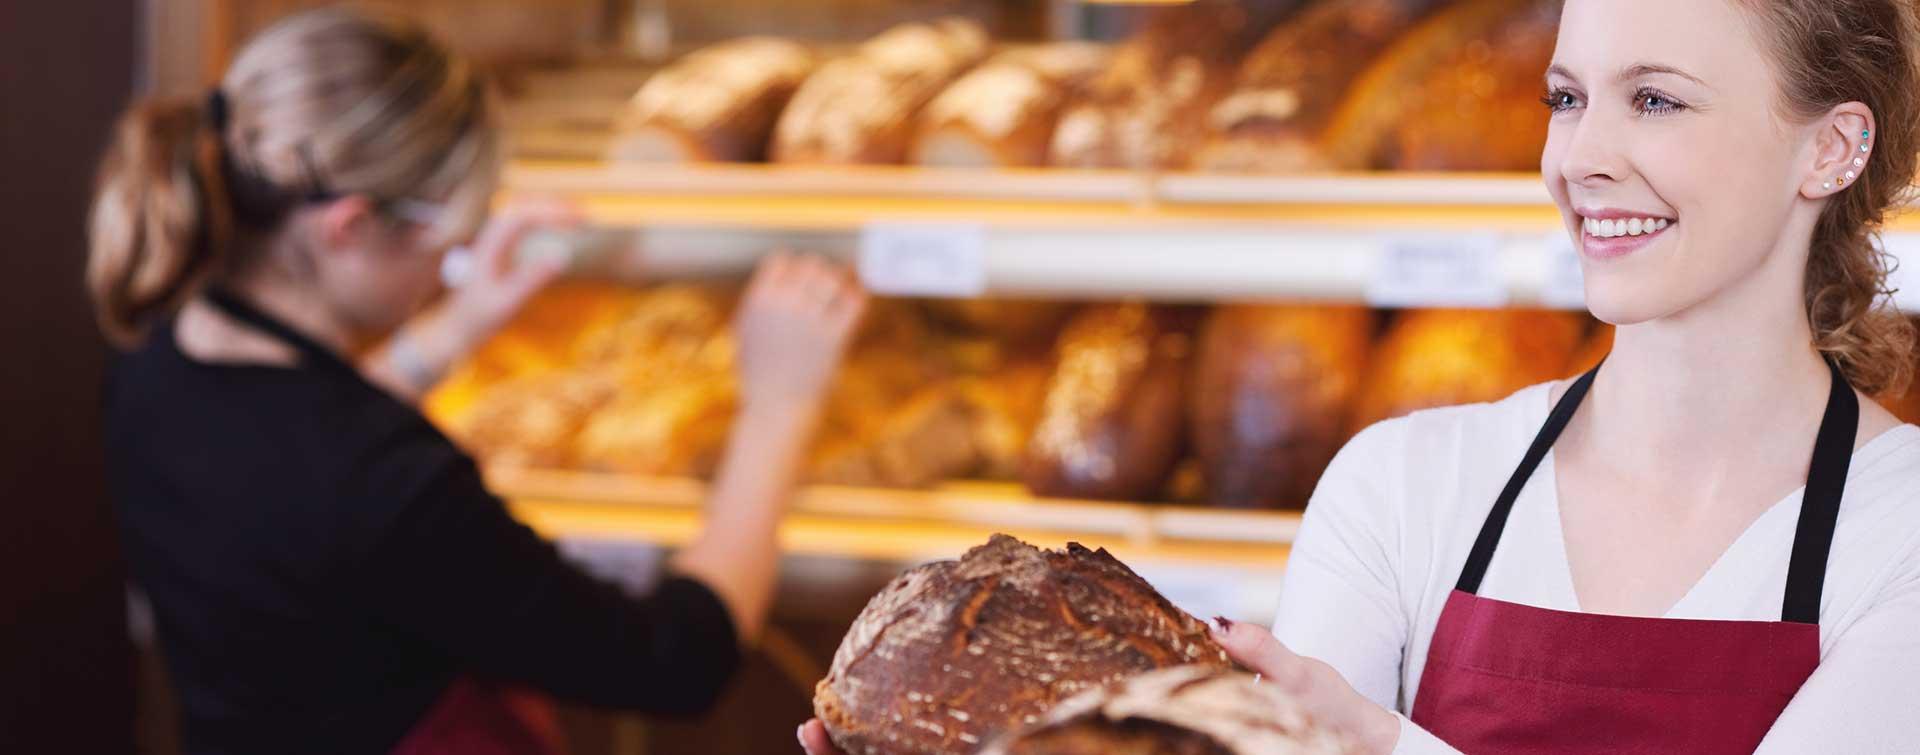 Otwórz własną piekarnię – plusy i minusy franczyzy